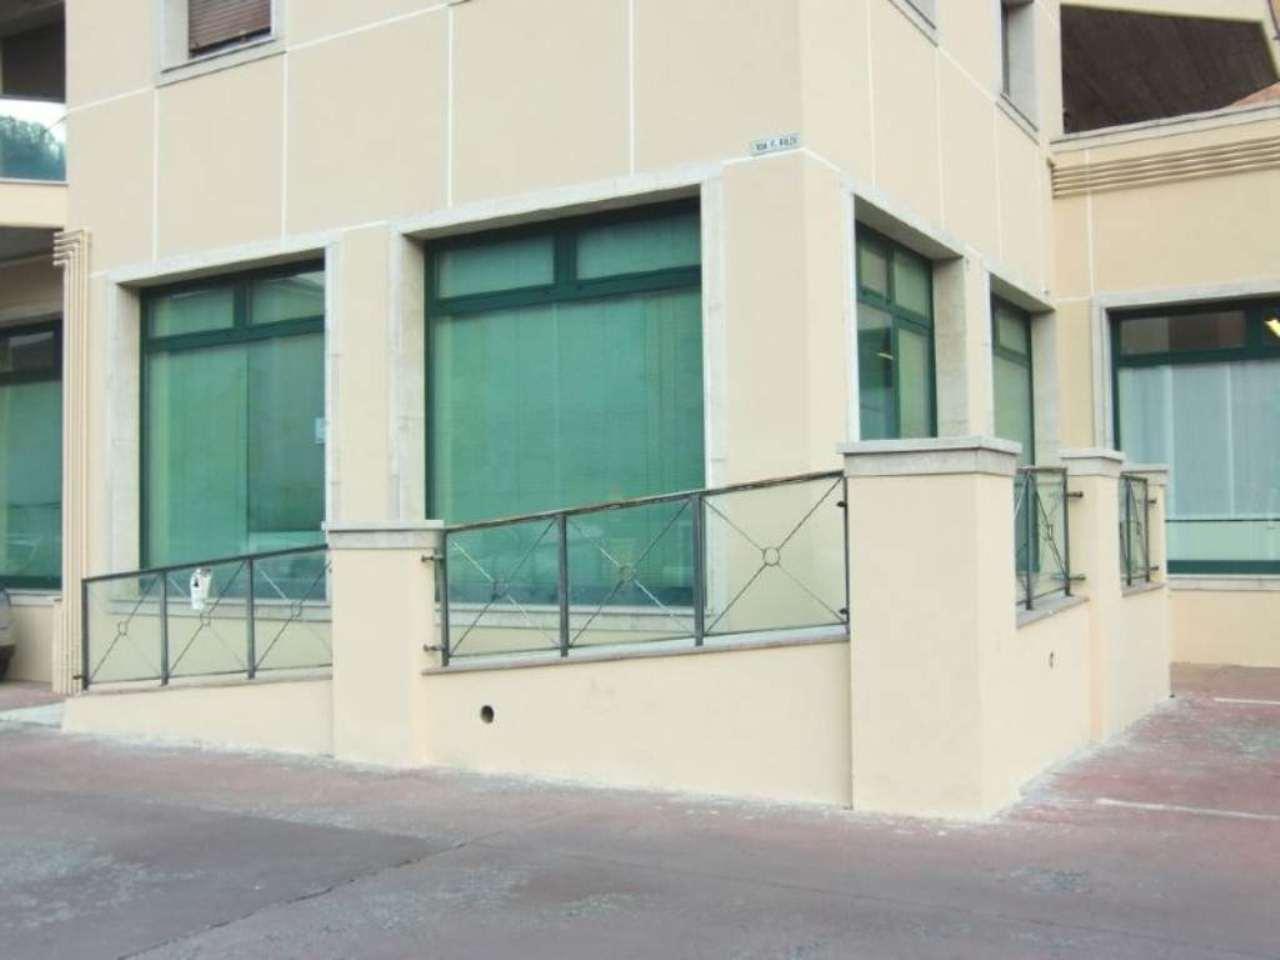 Negozio / Locale in affitto a Gardone Val Trompia, 1 locali, prezzo € 550 | Cambio Casa.it